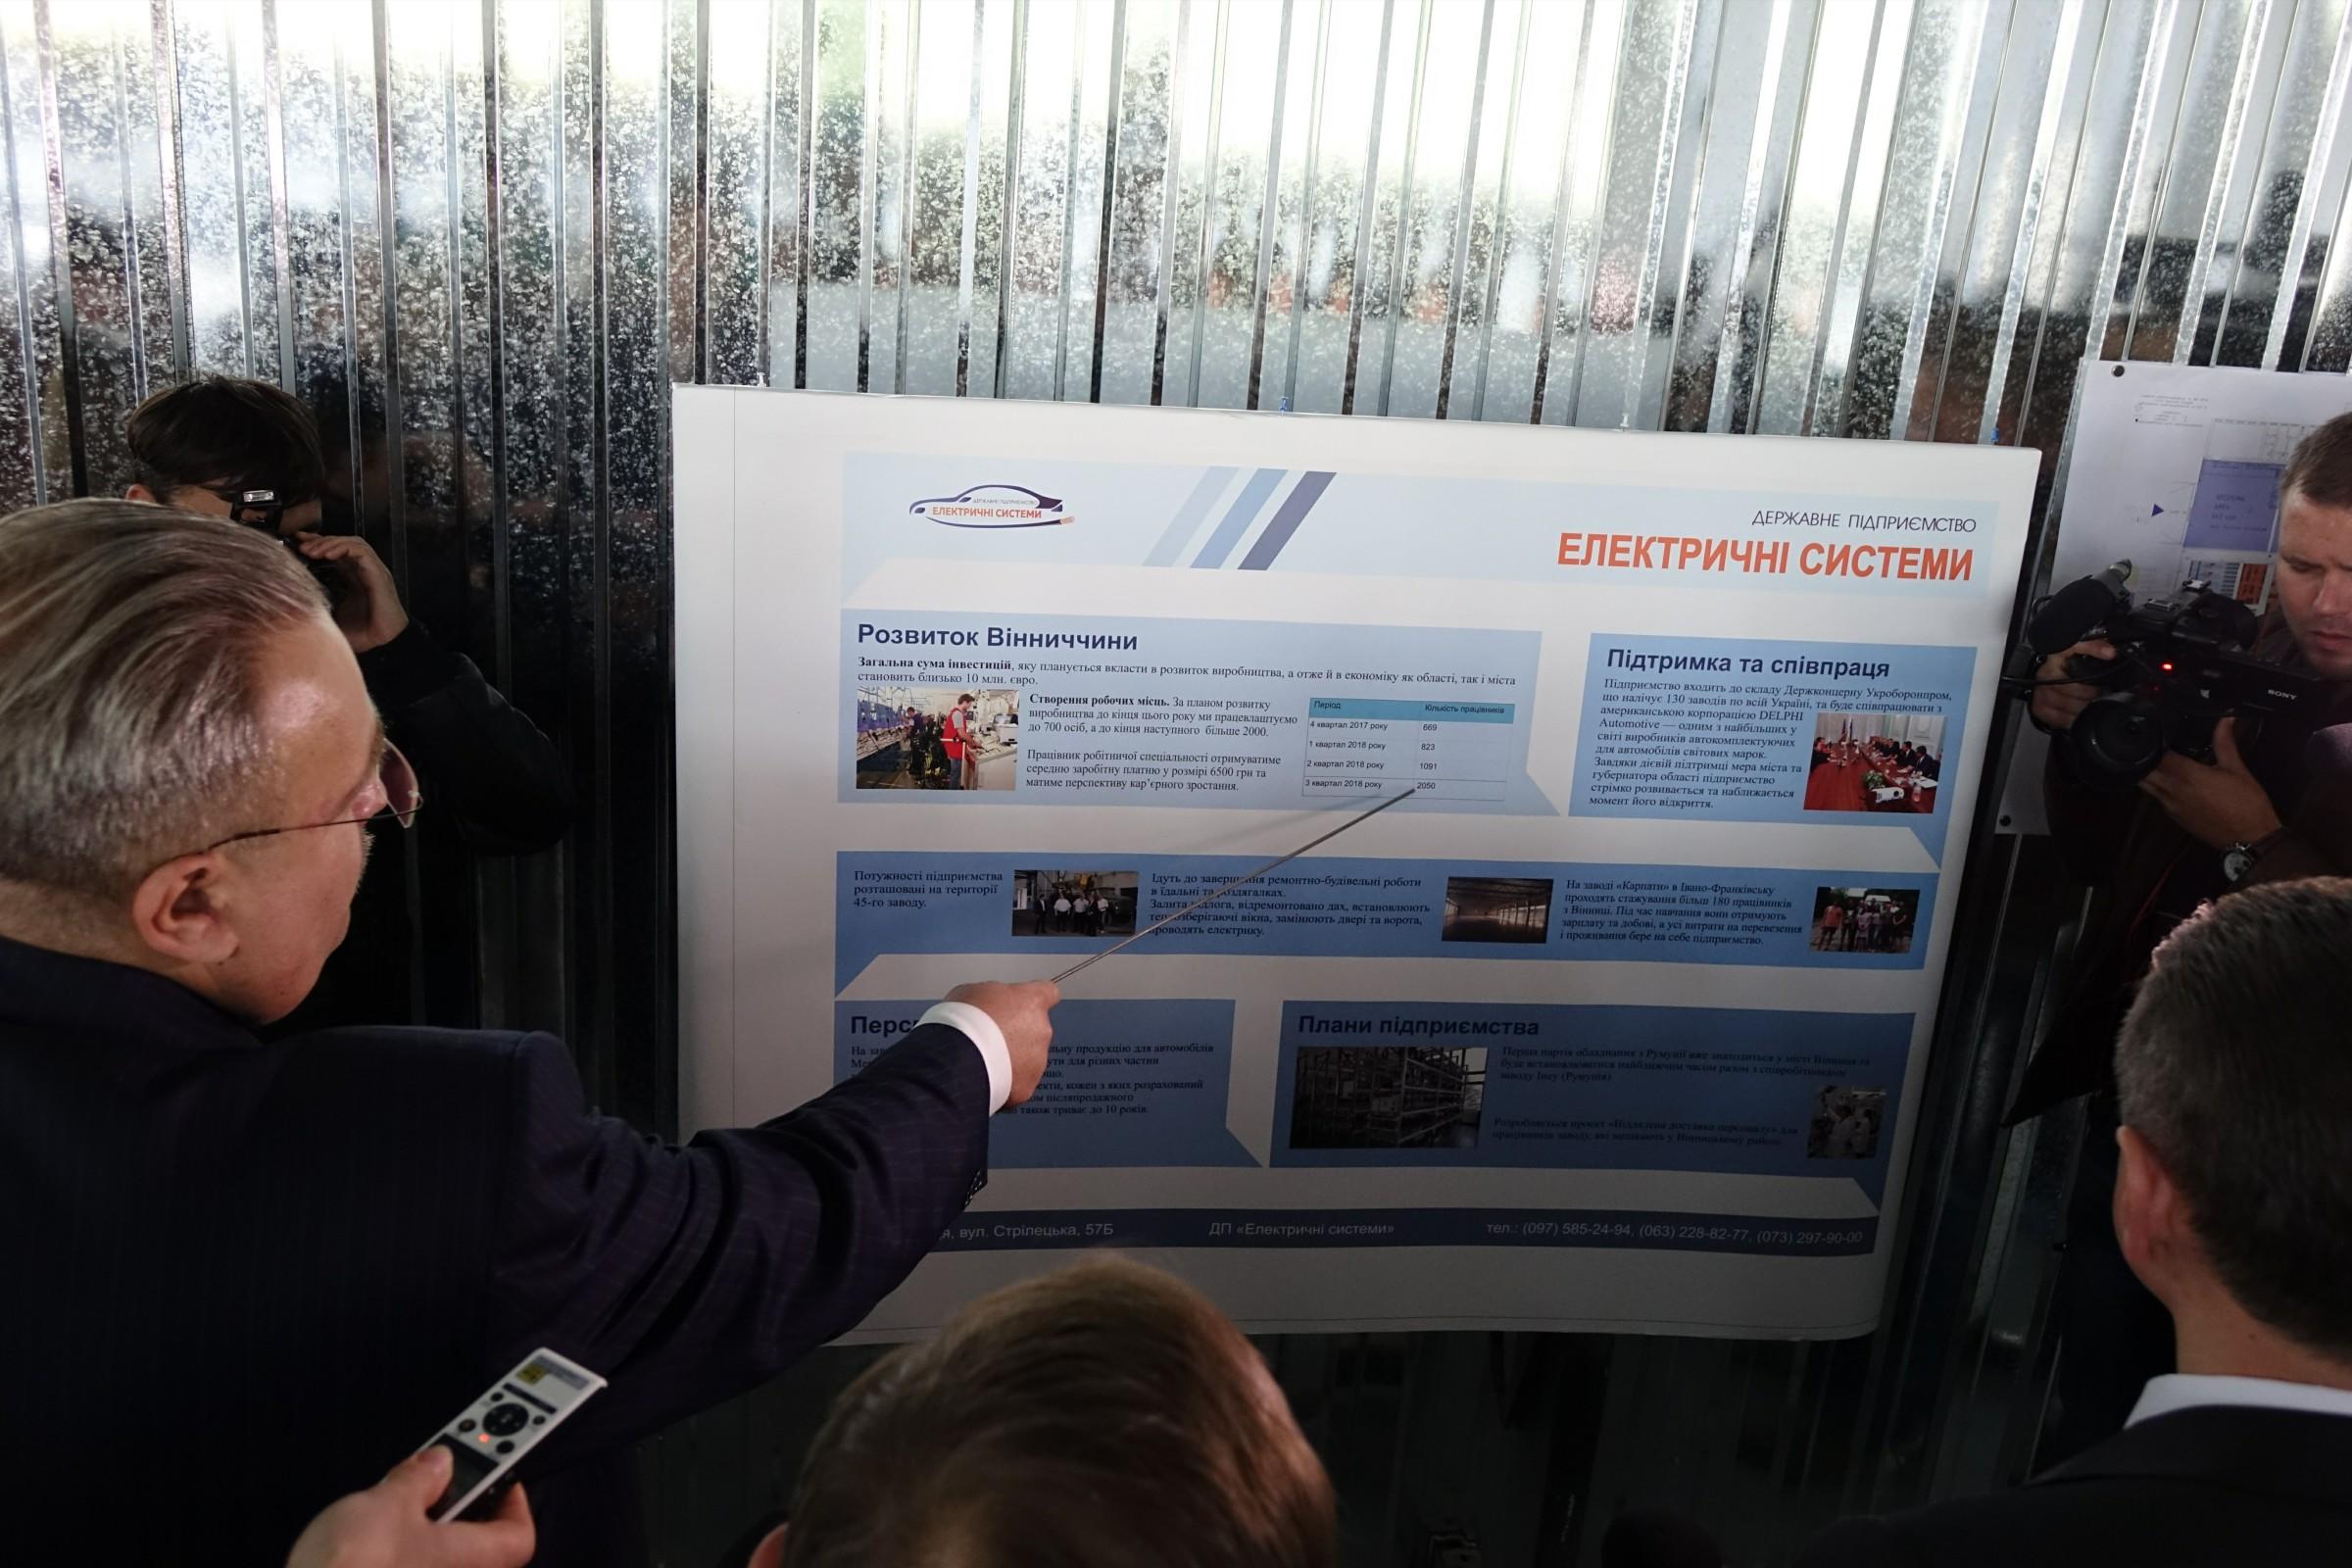 У Вінниці готуються запустити новий завод партнер Delphi Corporation. Шукають робітників (Фото+Відео)